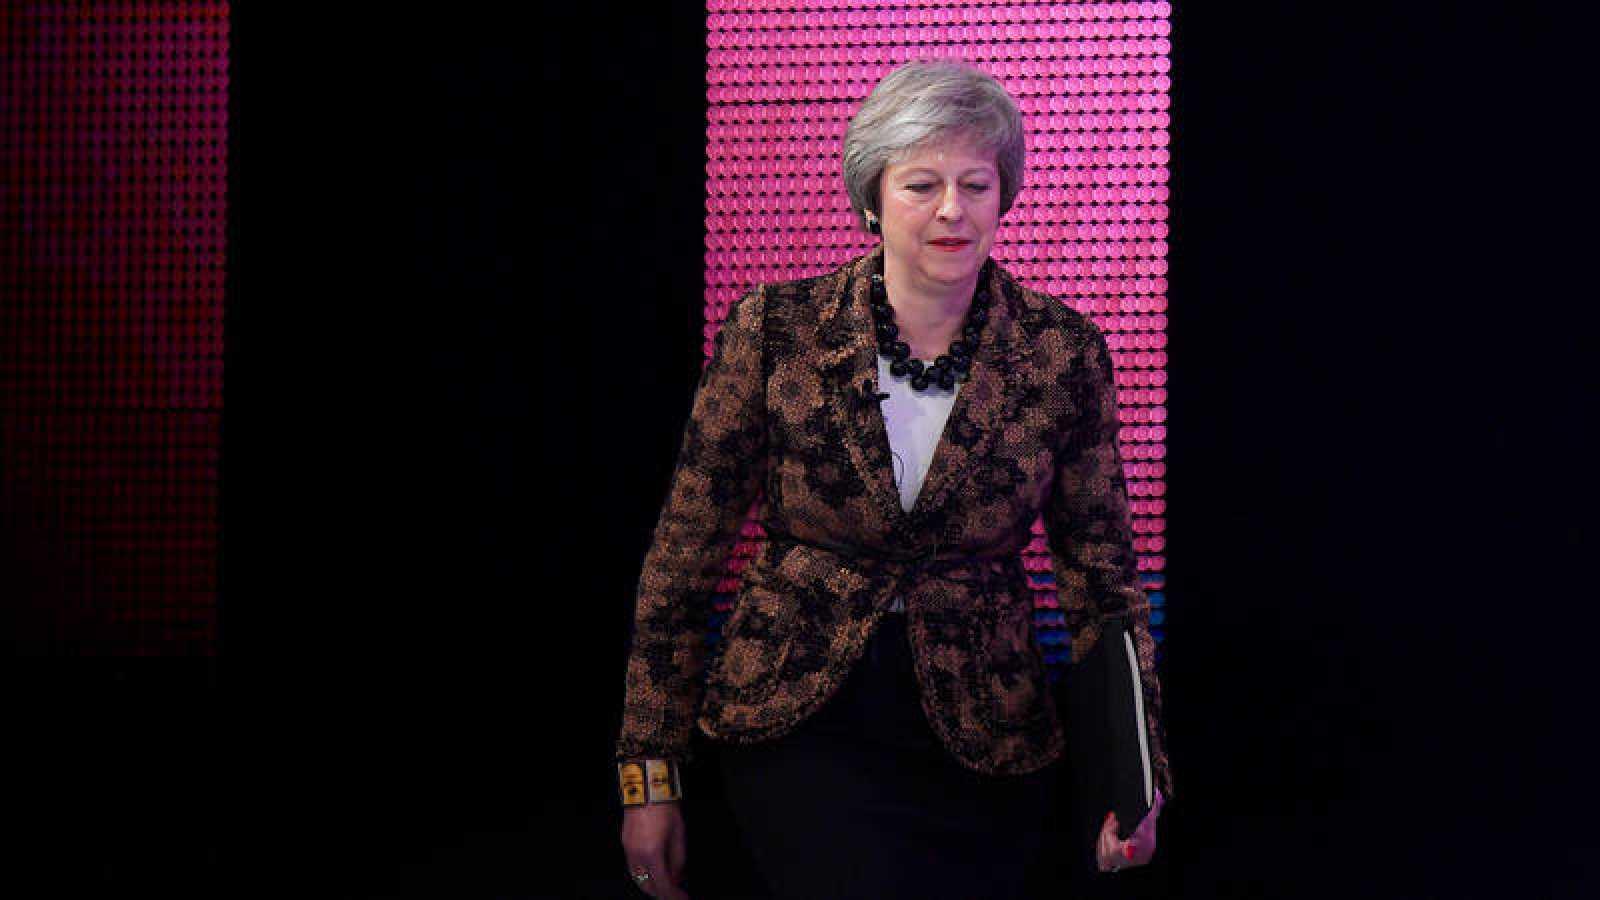 La primera ministra británica, Theresa May, asiste a la conferencia anual de la Confederación de la Industria Británica